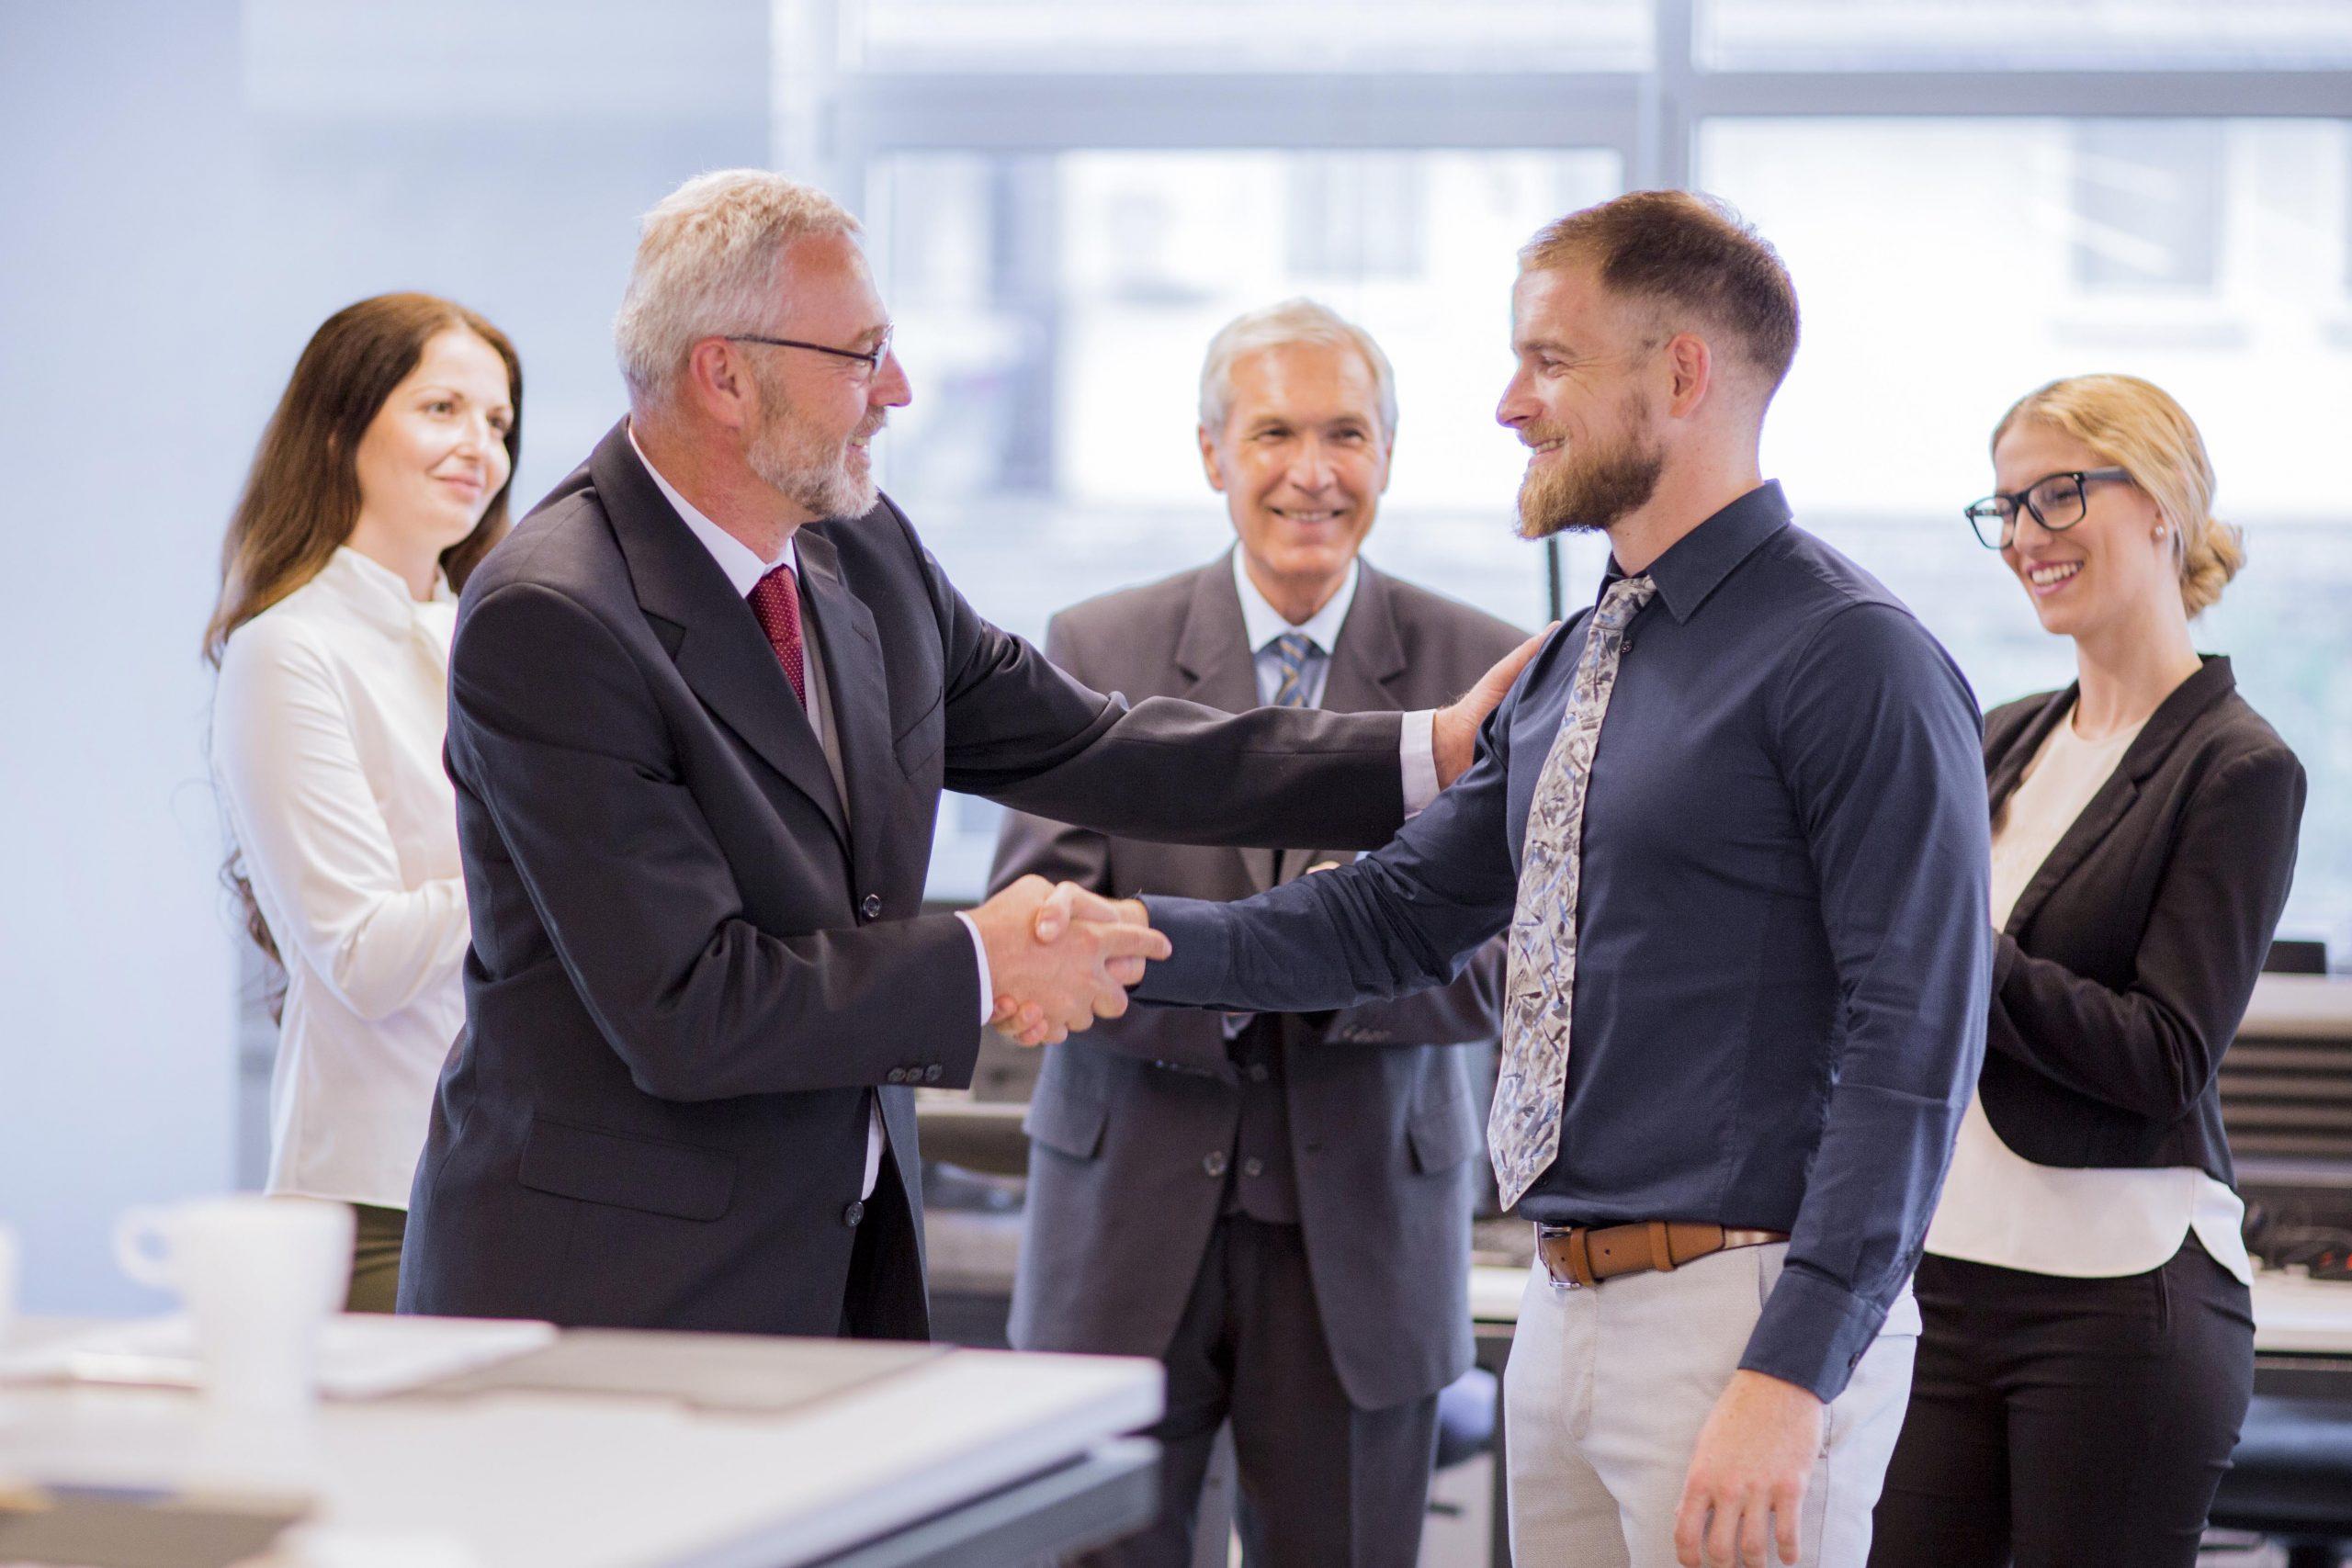 Como ser promovido no trabalho: 12 dicas fundamentais para impulsionar sua carreira